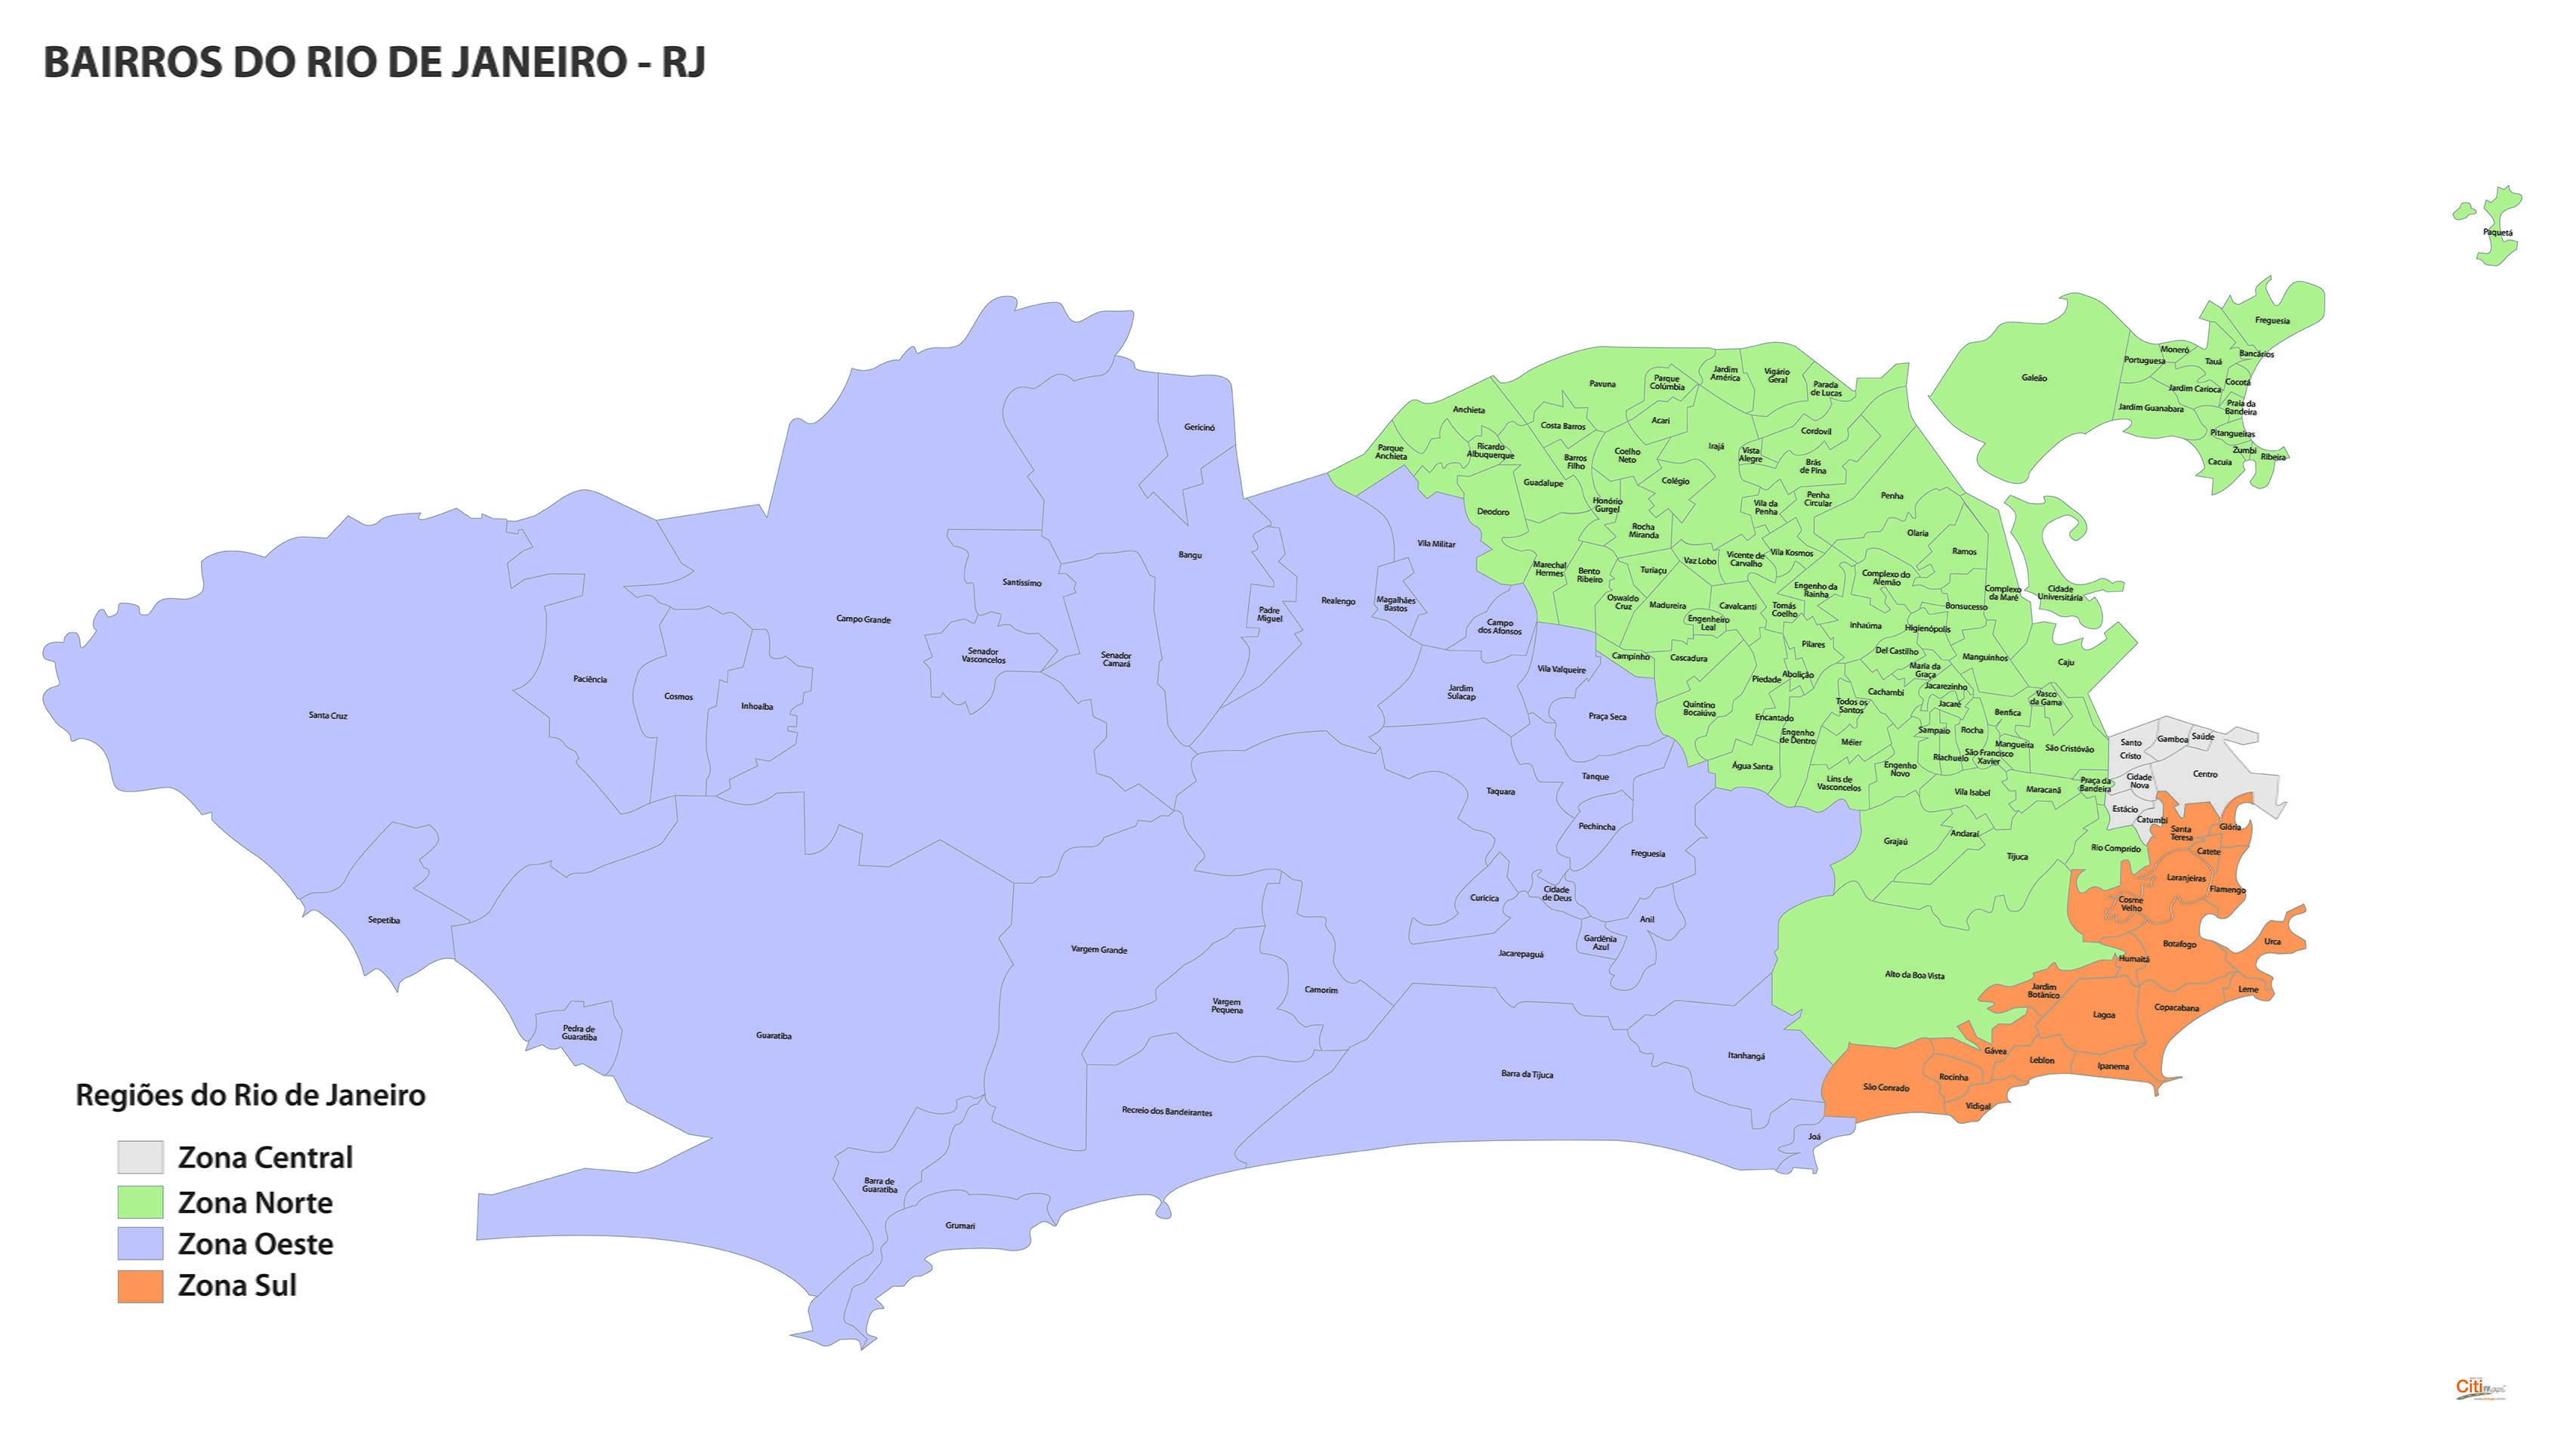 Rio De Janeiro Mapa Bairros.Rio De Janeiro Mapas Bairros Adesivo